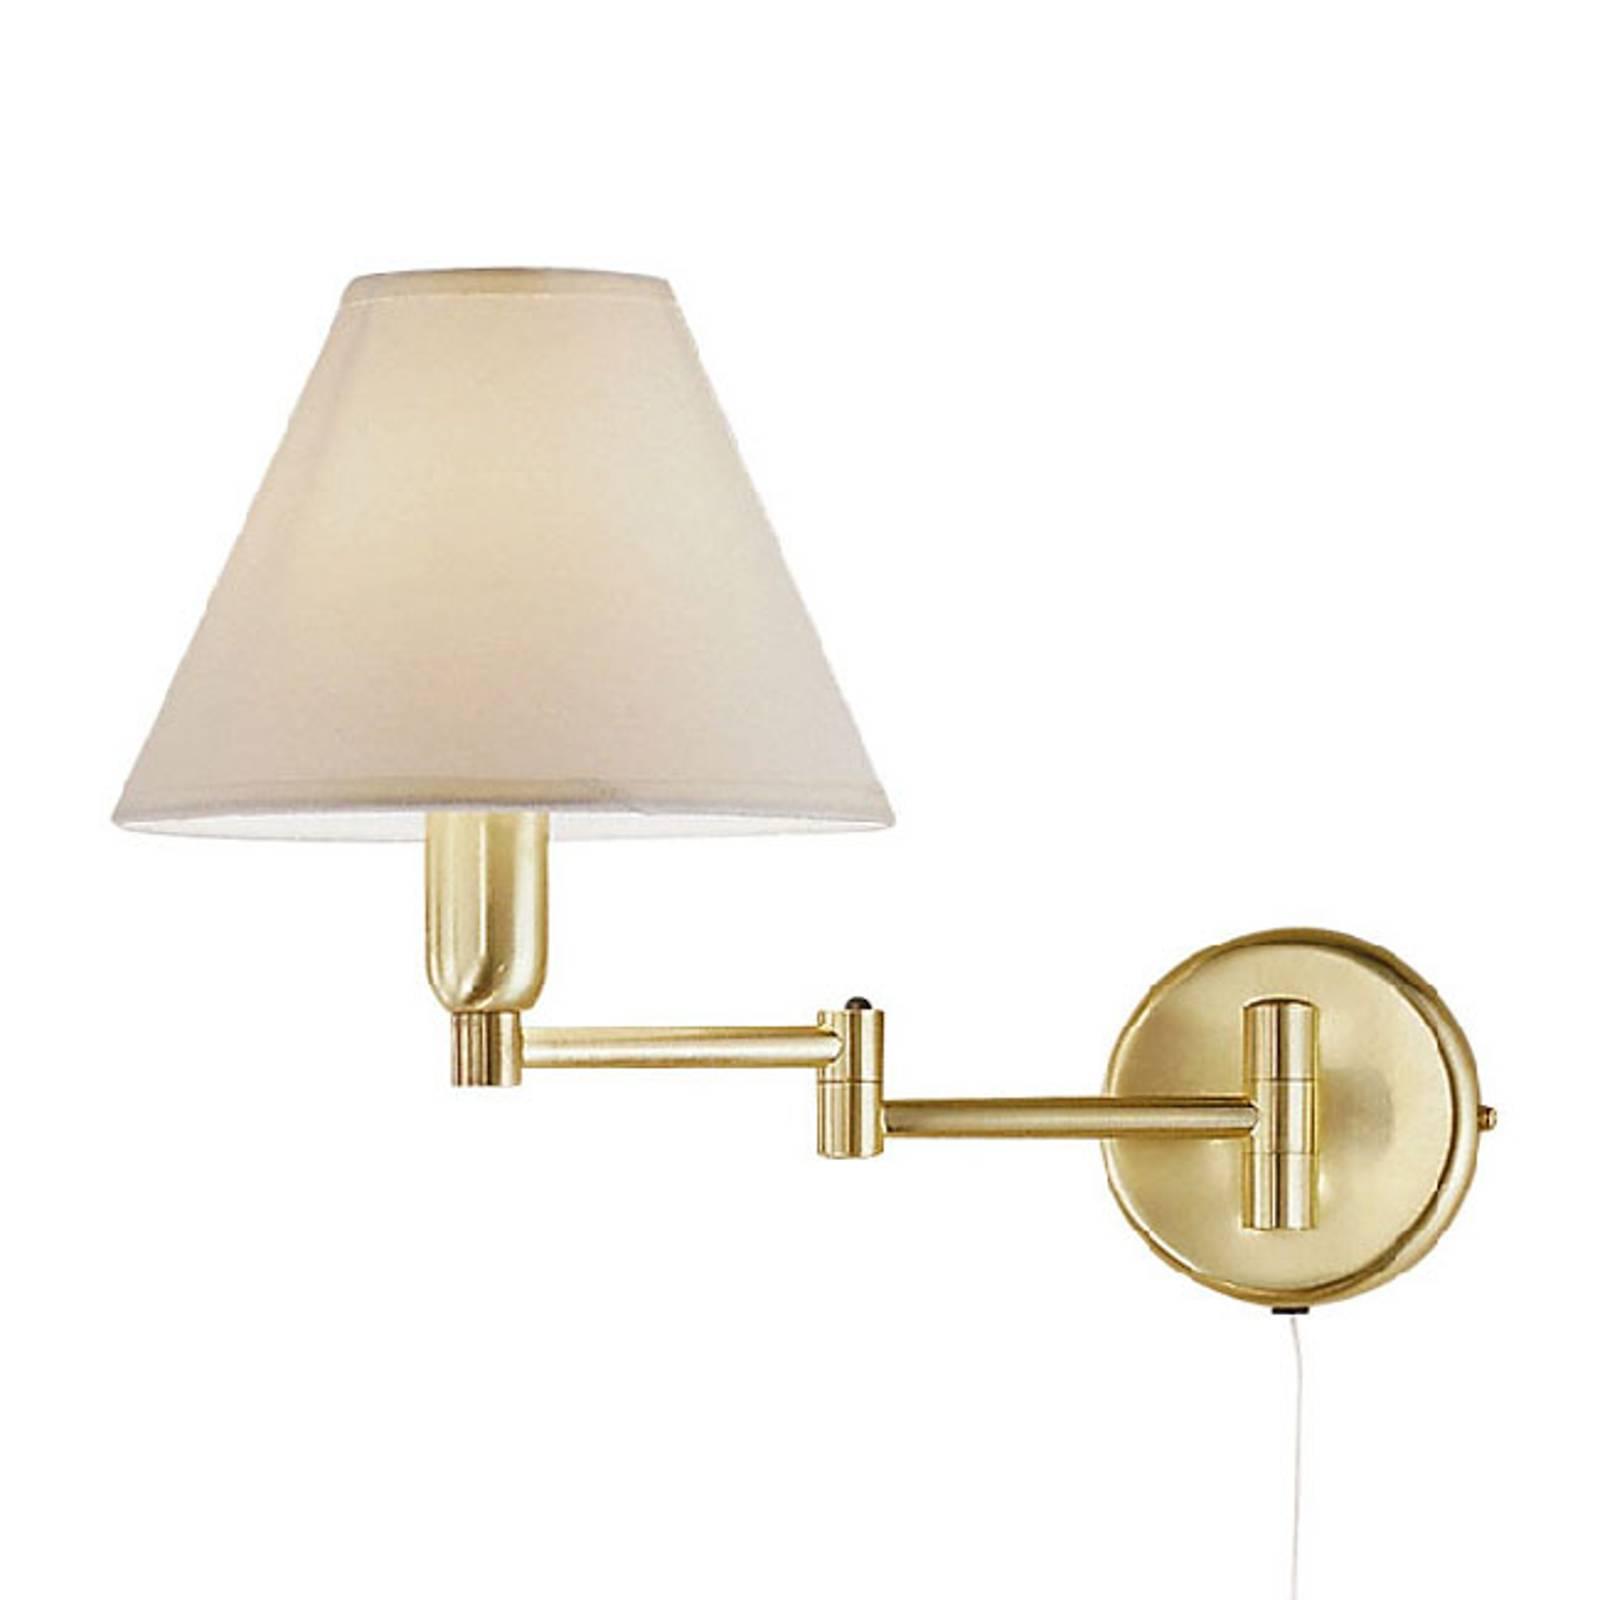 Wandlamp Hilton, witte stoffen kap, messing